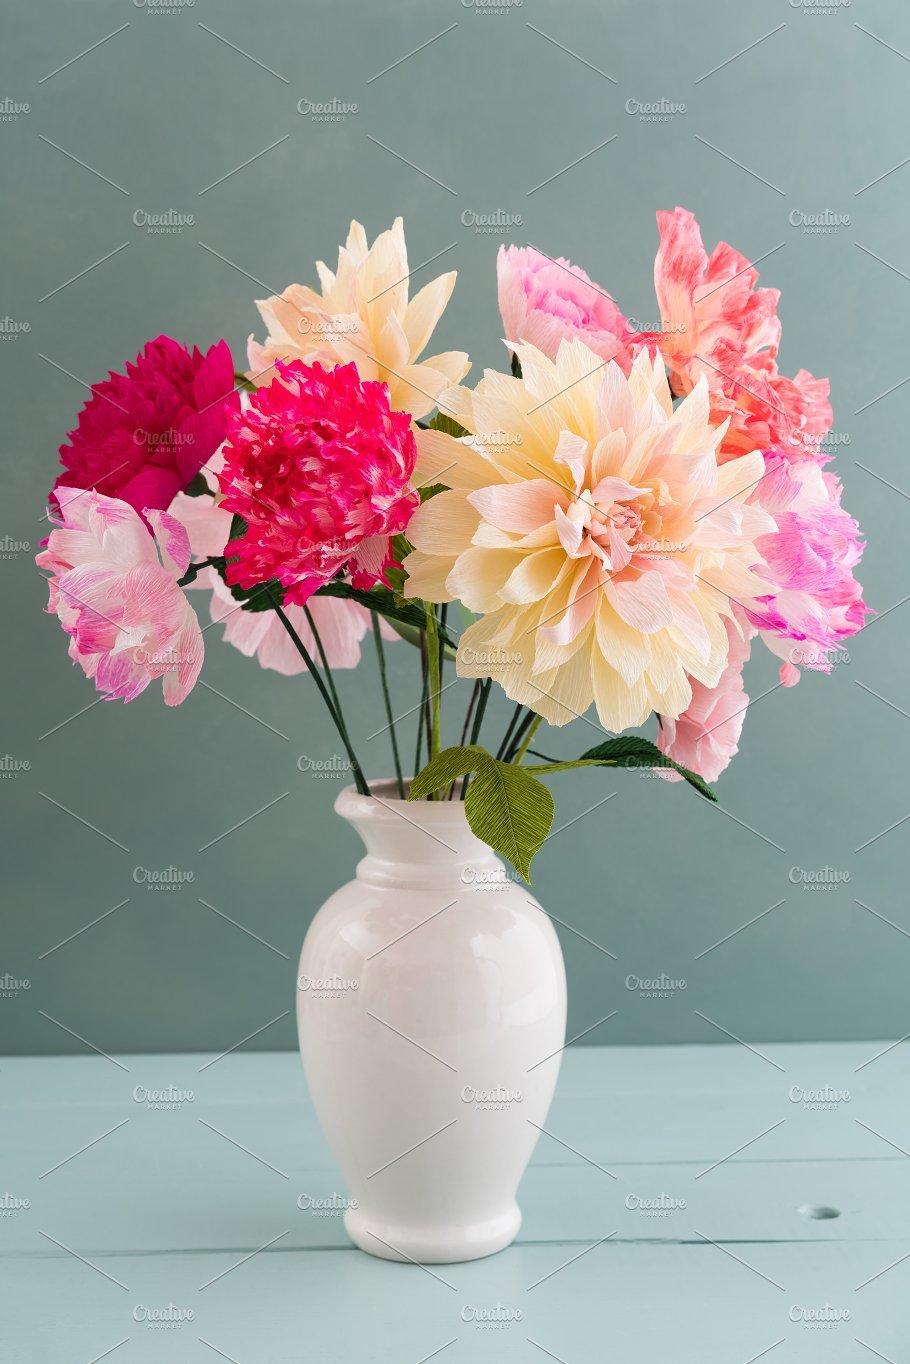 Crepe Paper Flower Bouquet Nature Photos Creative Market